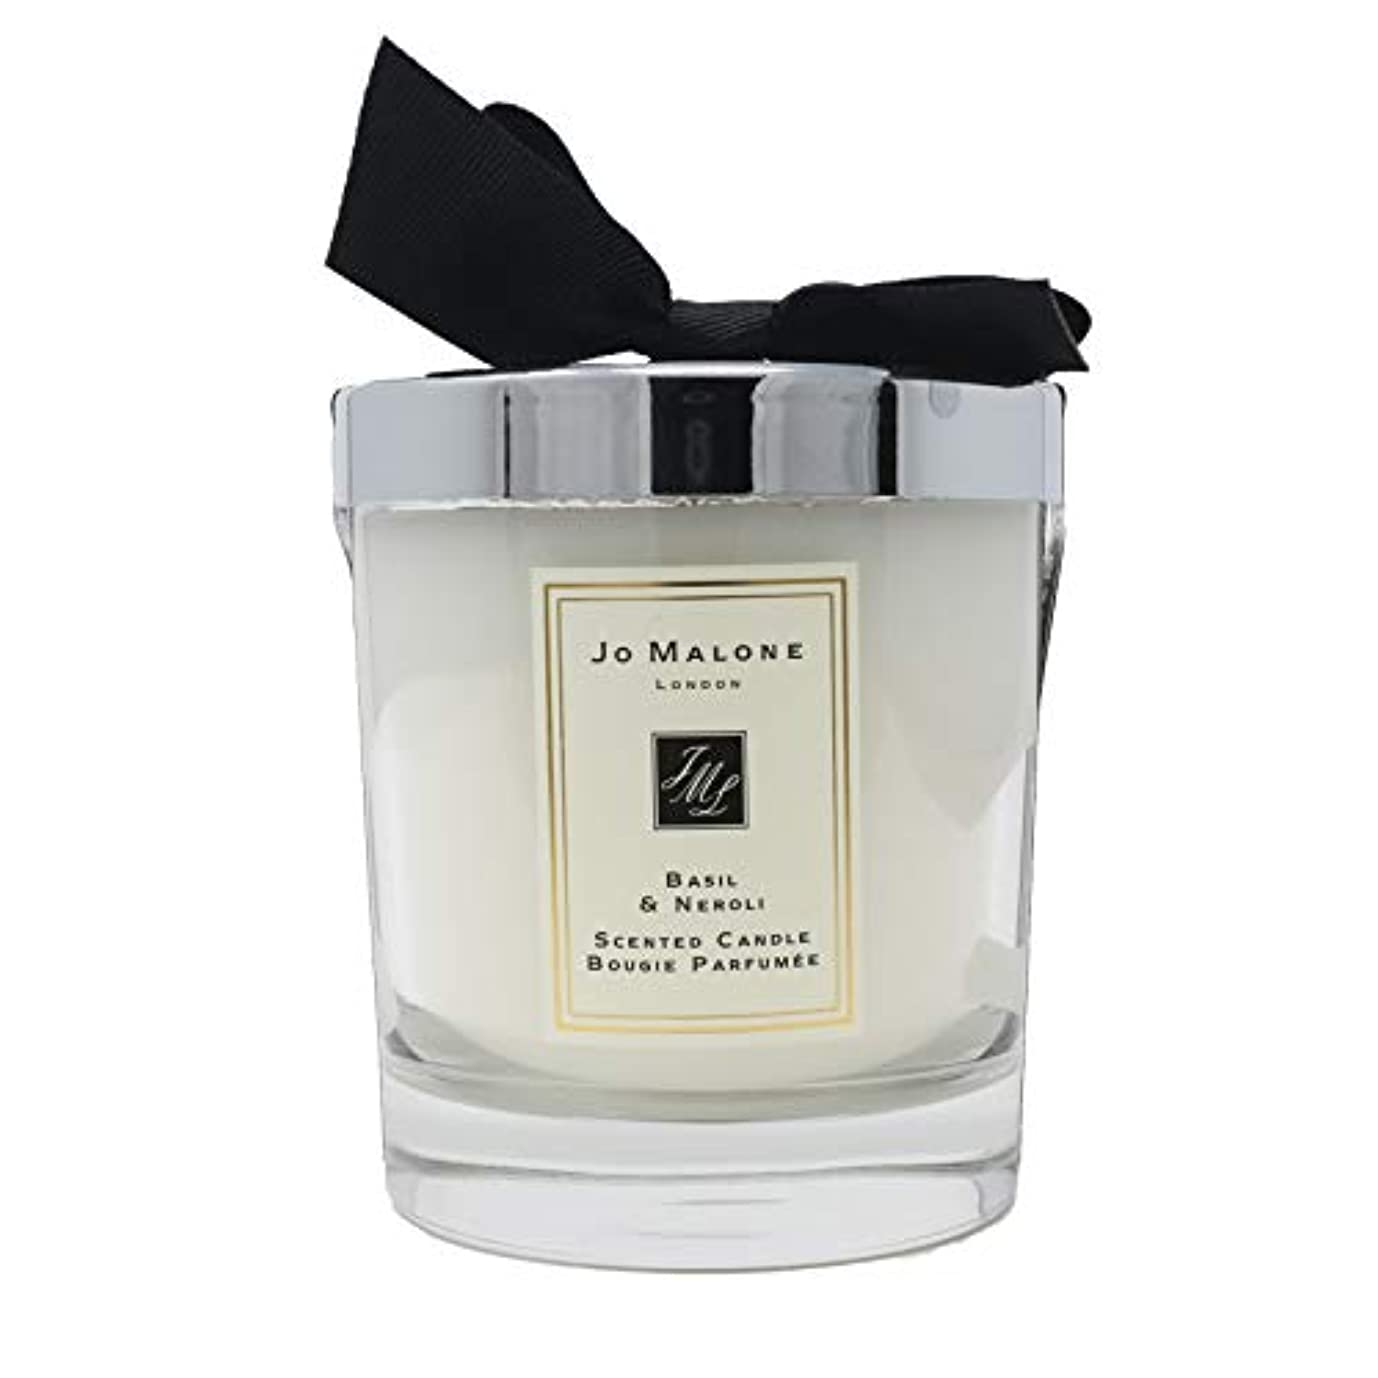 メタリック本会議ラリーベルモントJo Malone Basil &ネロリScented Candle 200 g ( 2.5インチ)